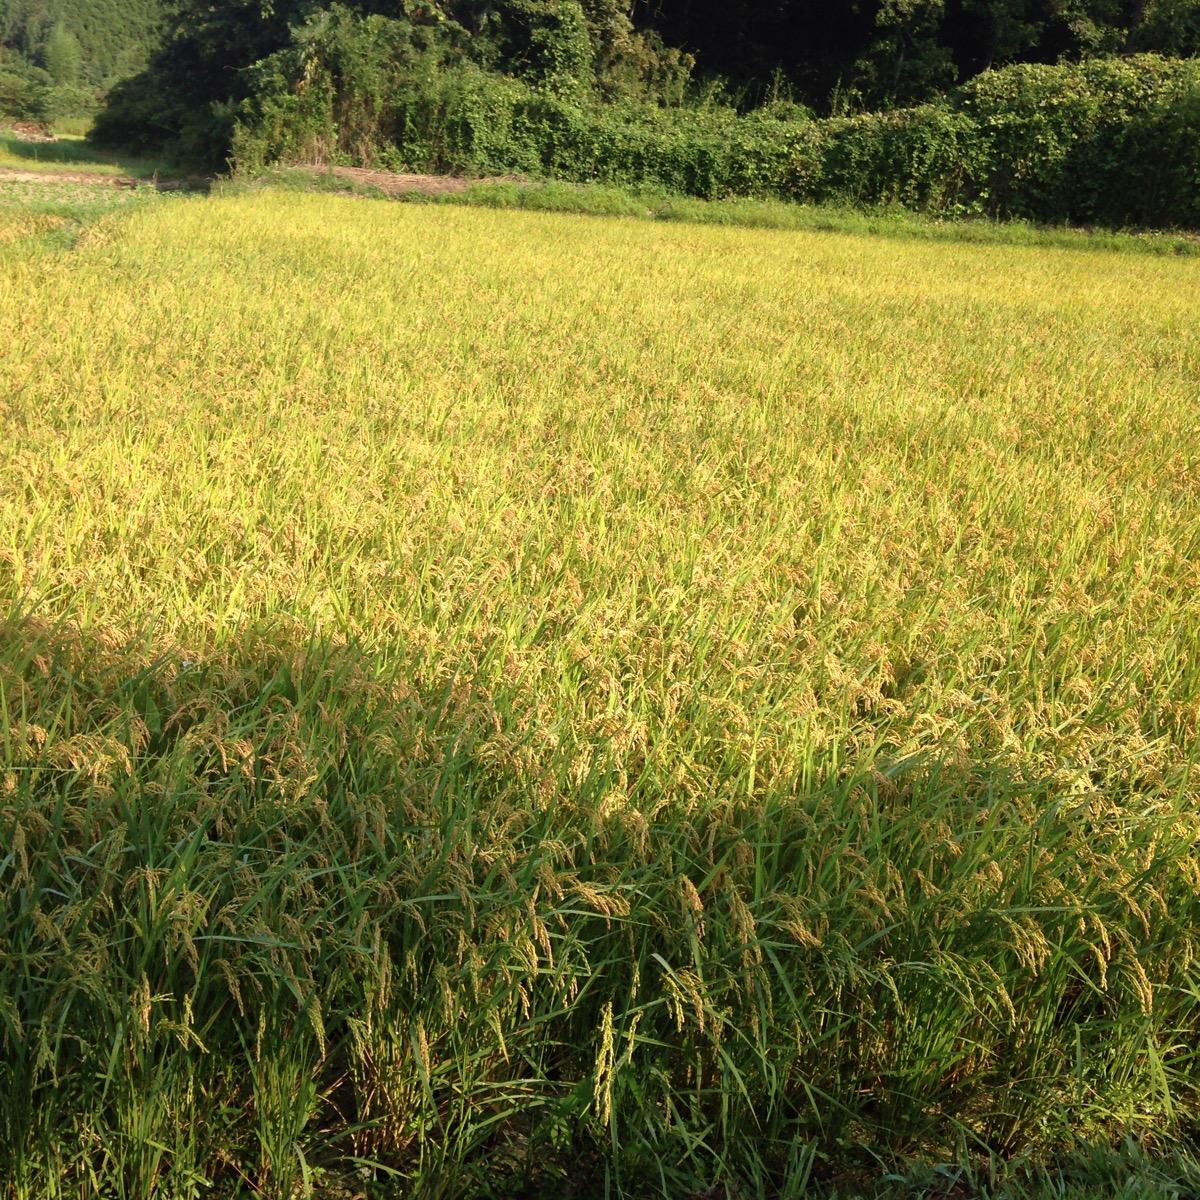 千葉は関東一の早場米の産地。たわわに実った稲穂が黄金色に、もうすぐ稲刈りが始まります。